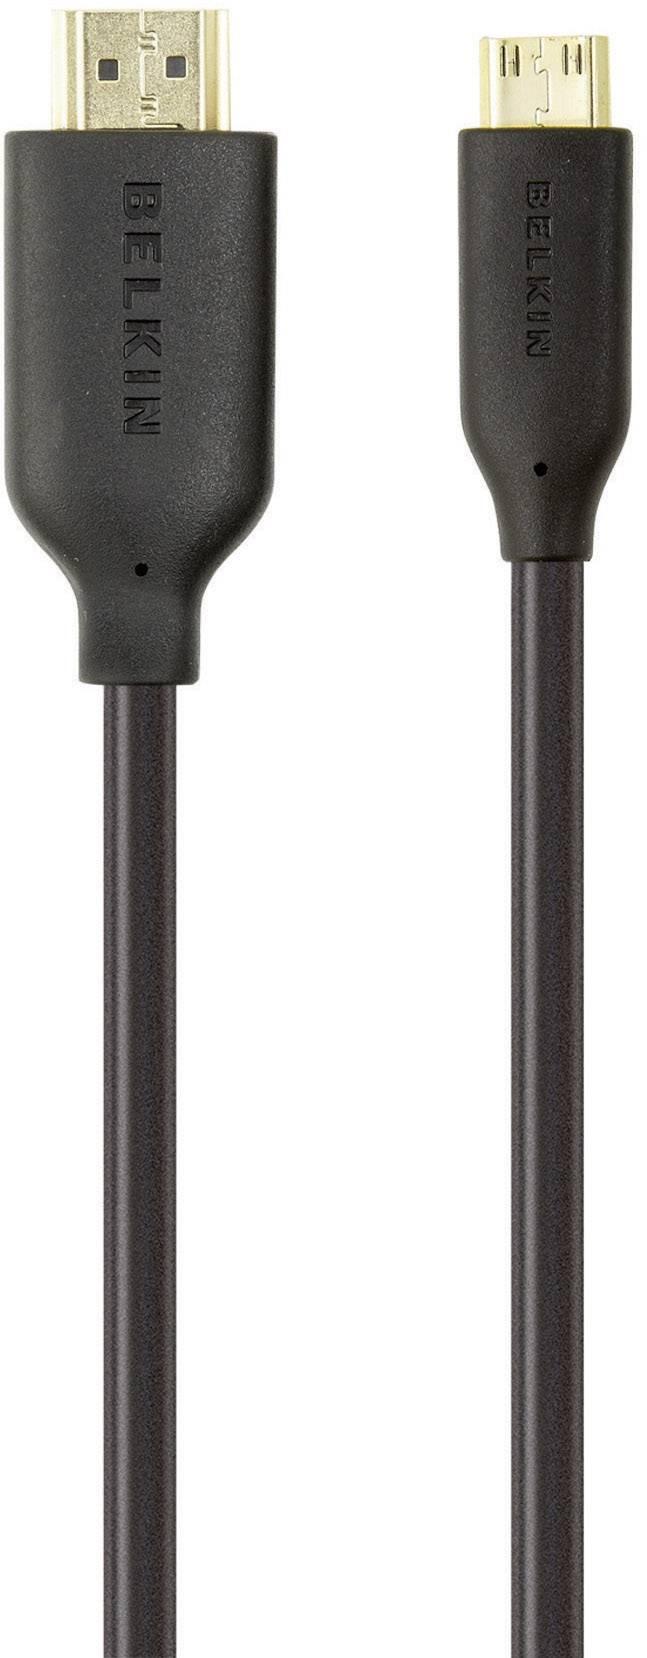 HDMI prepojovací kábel Belkin F3Y027bf1M, 1 m, čierna